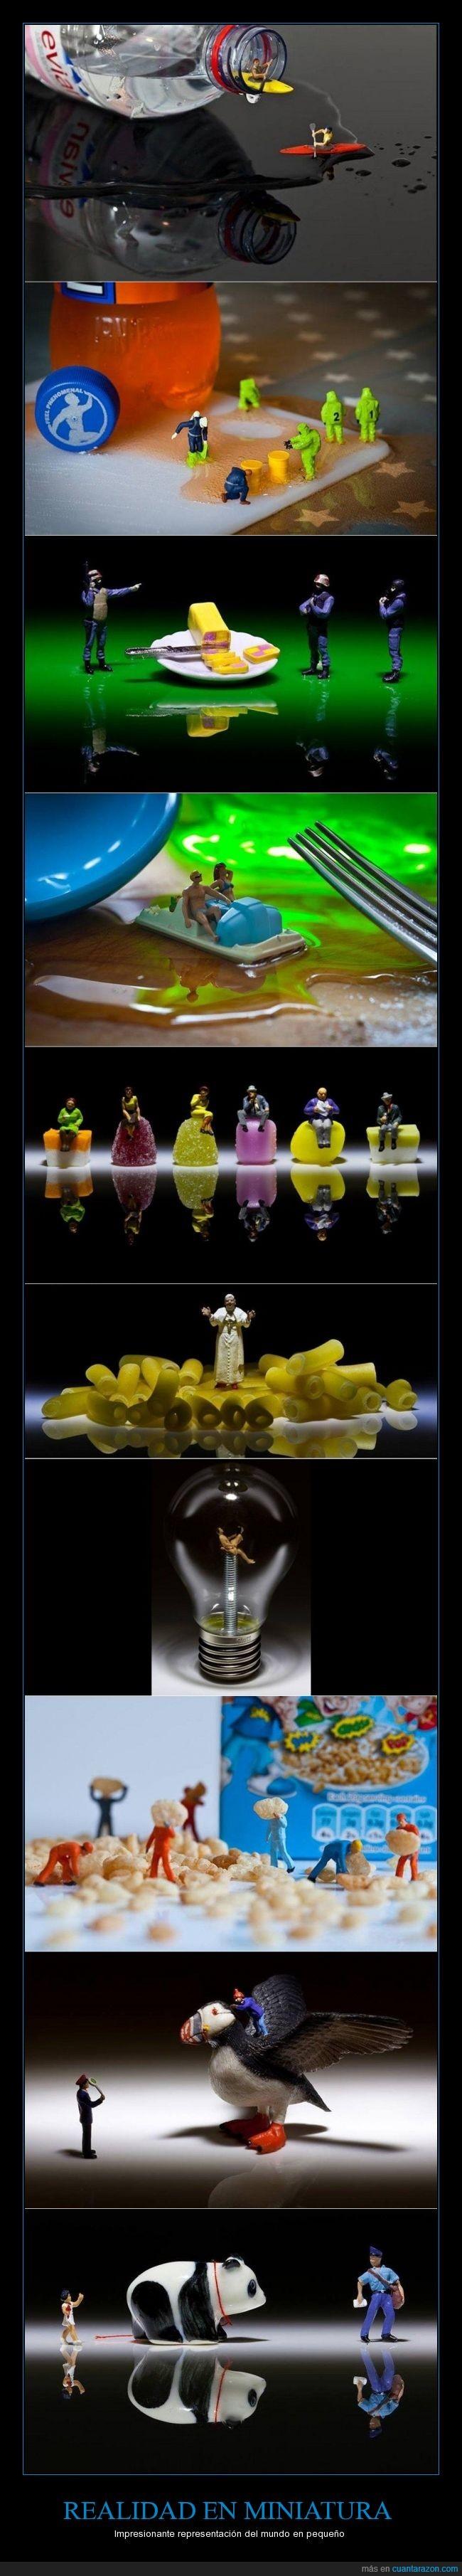 creatividad,David Gilliver,fotógrafías,miniaturas,realidad